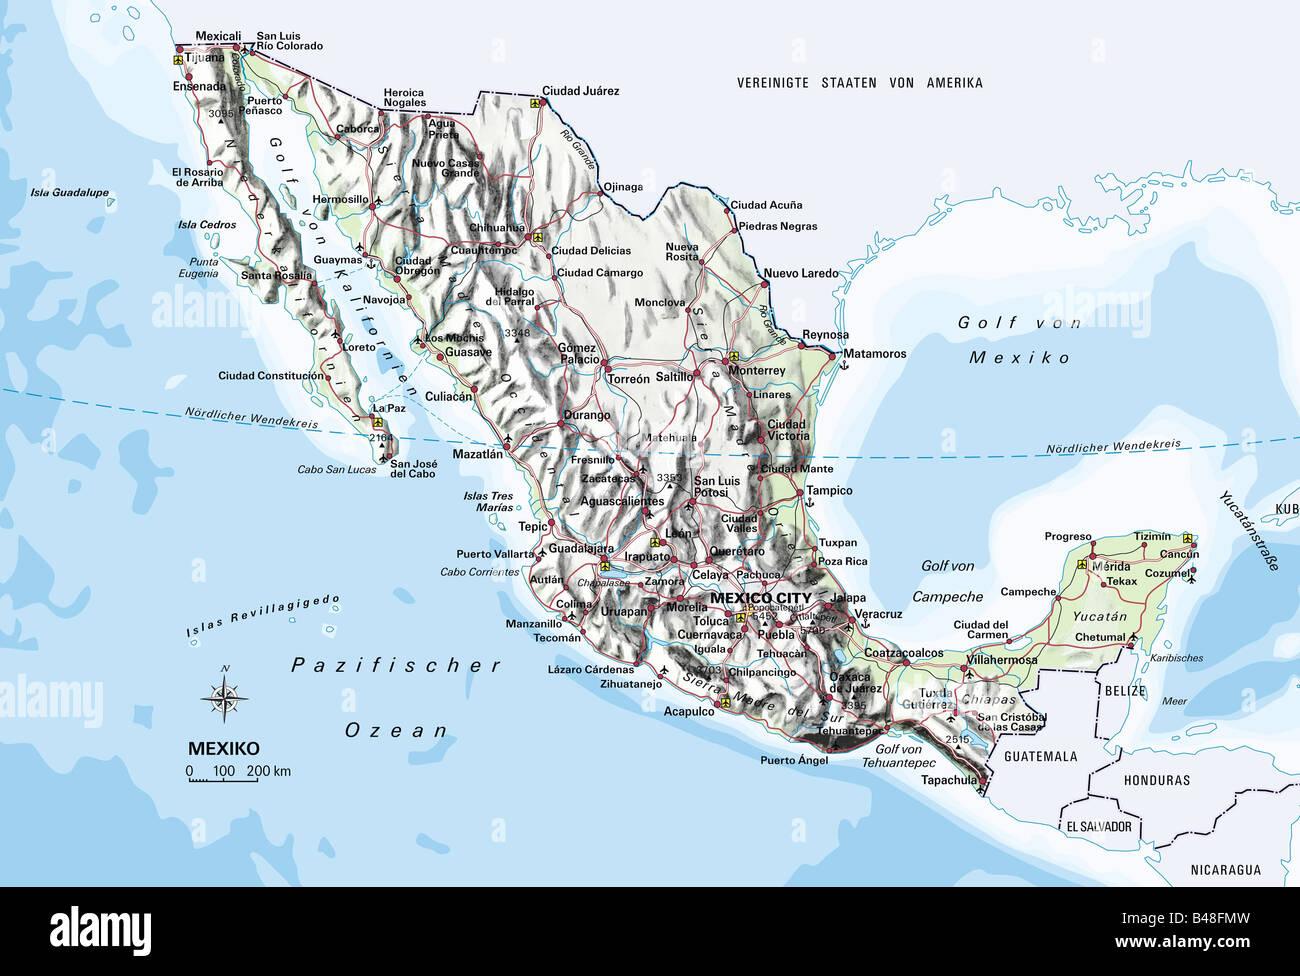 Pacific Mexico Map.Cartography Maps America Mexico Circa 2000 Stock Photo 19856953